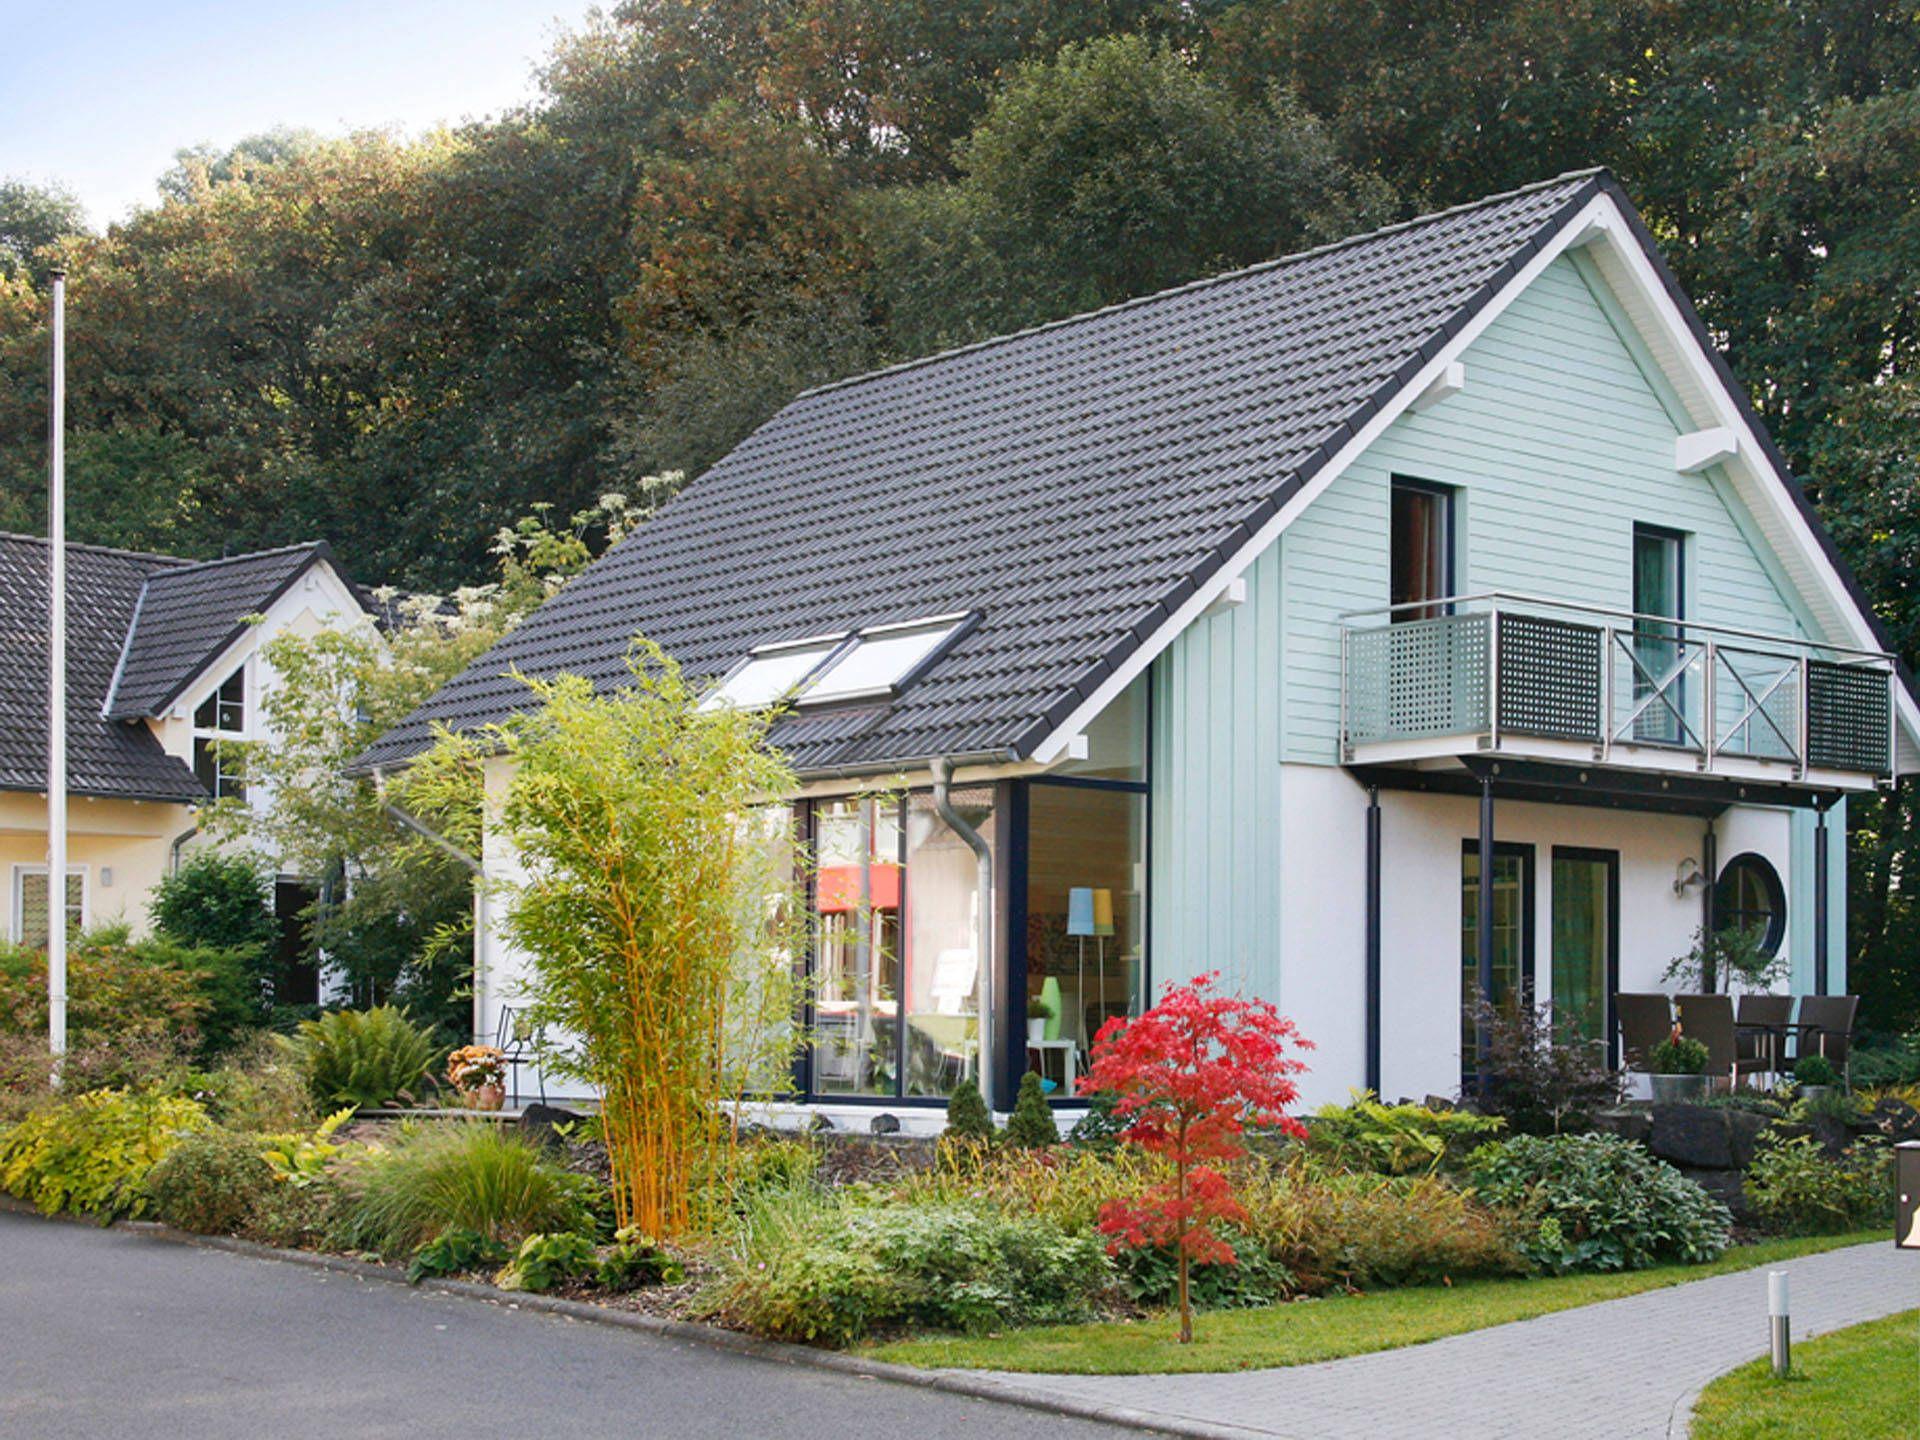 Familienhaus Komfort Von Kern Haus | Wählen Sie Ihre Gaube | Garten |  Pinterest | Kern Haus, Familienhaus Und Gaube